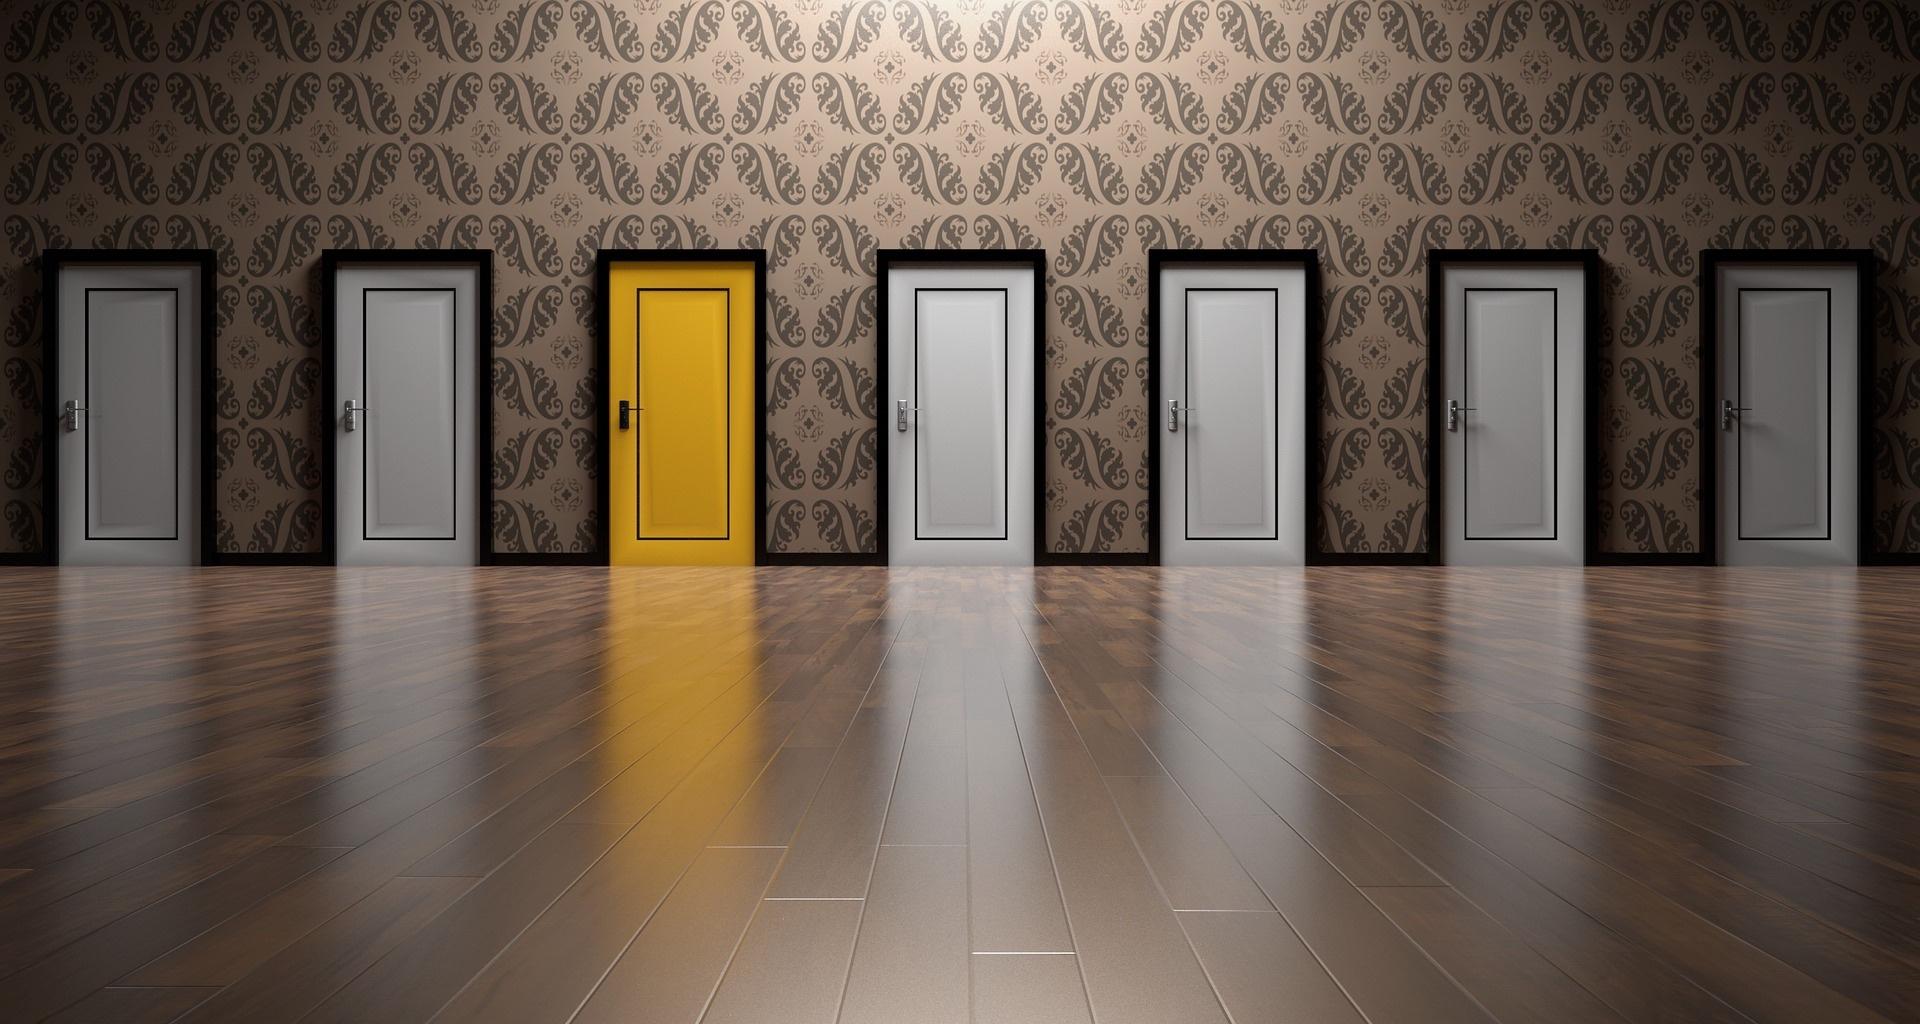 doors-1767563_1920-1_qimono